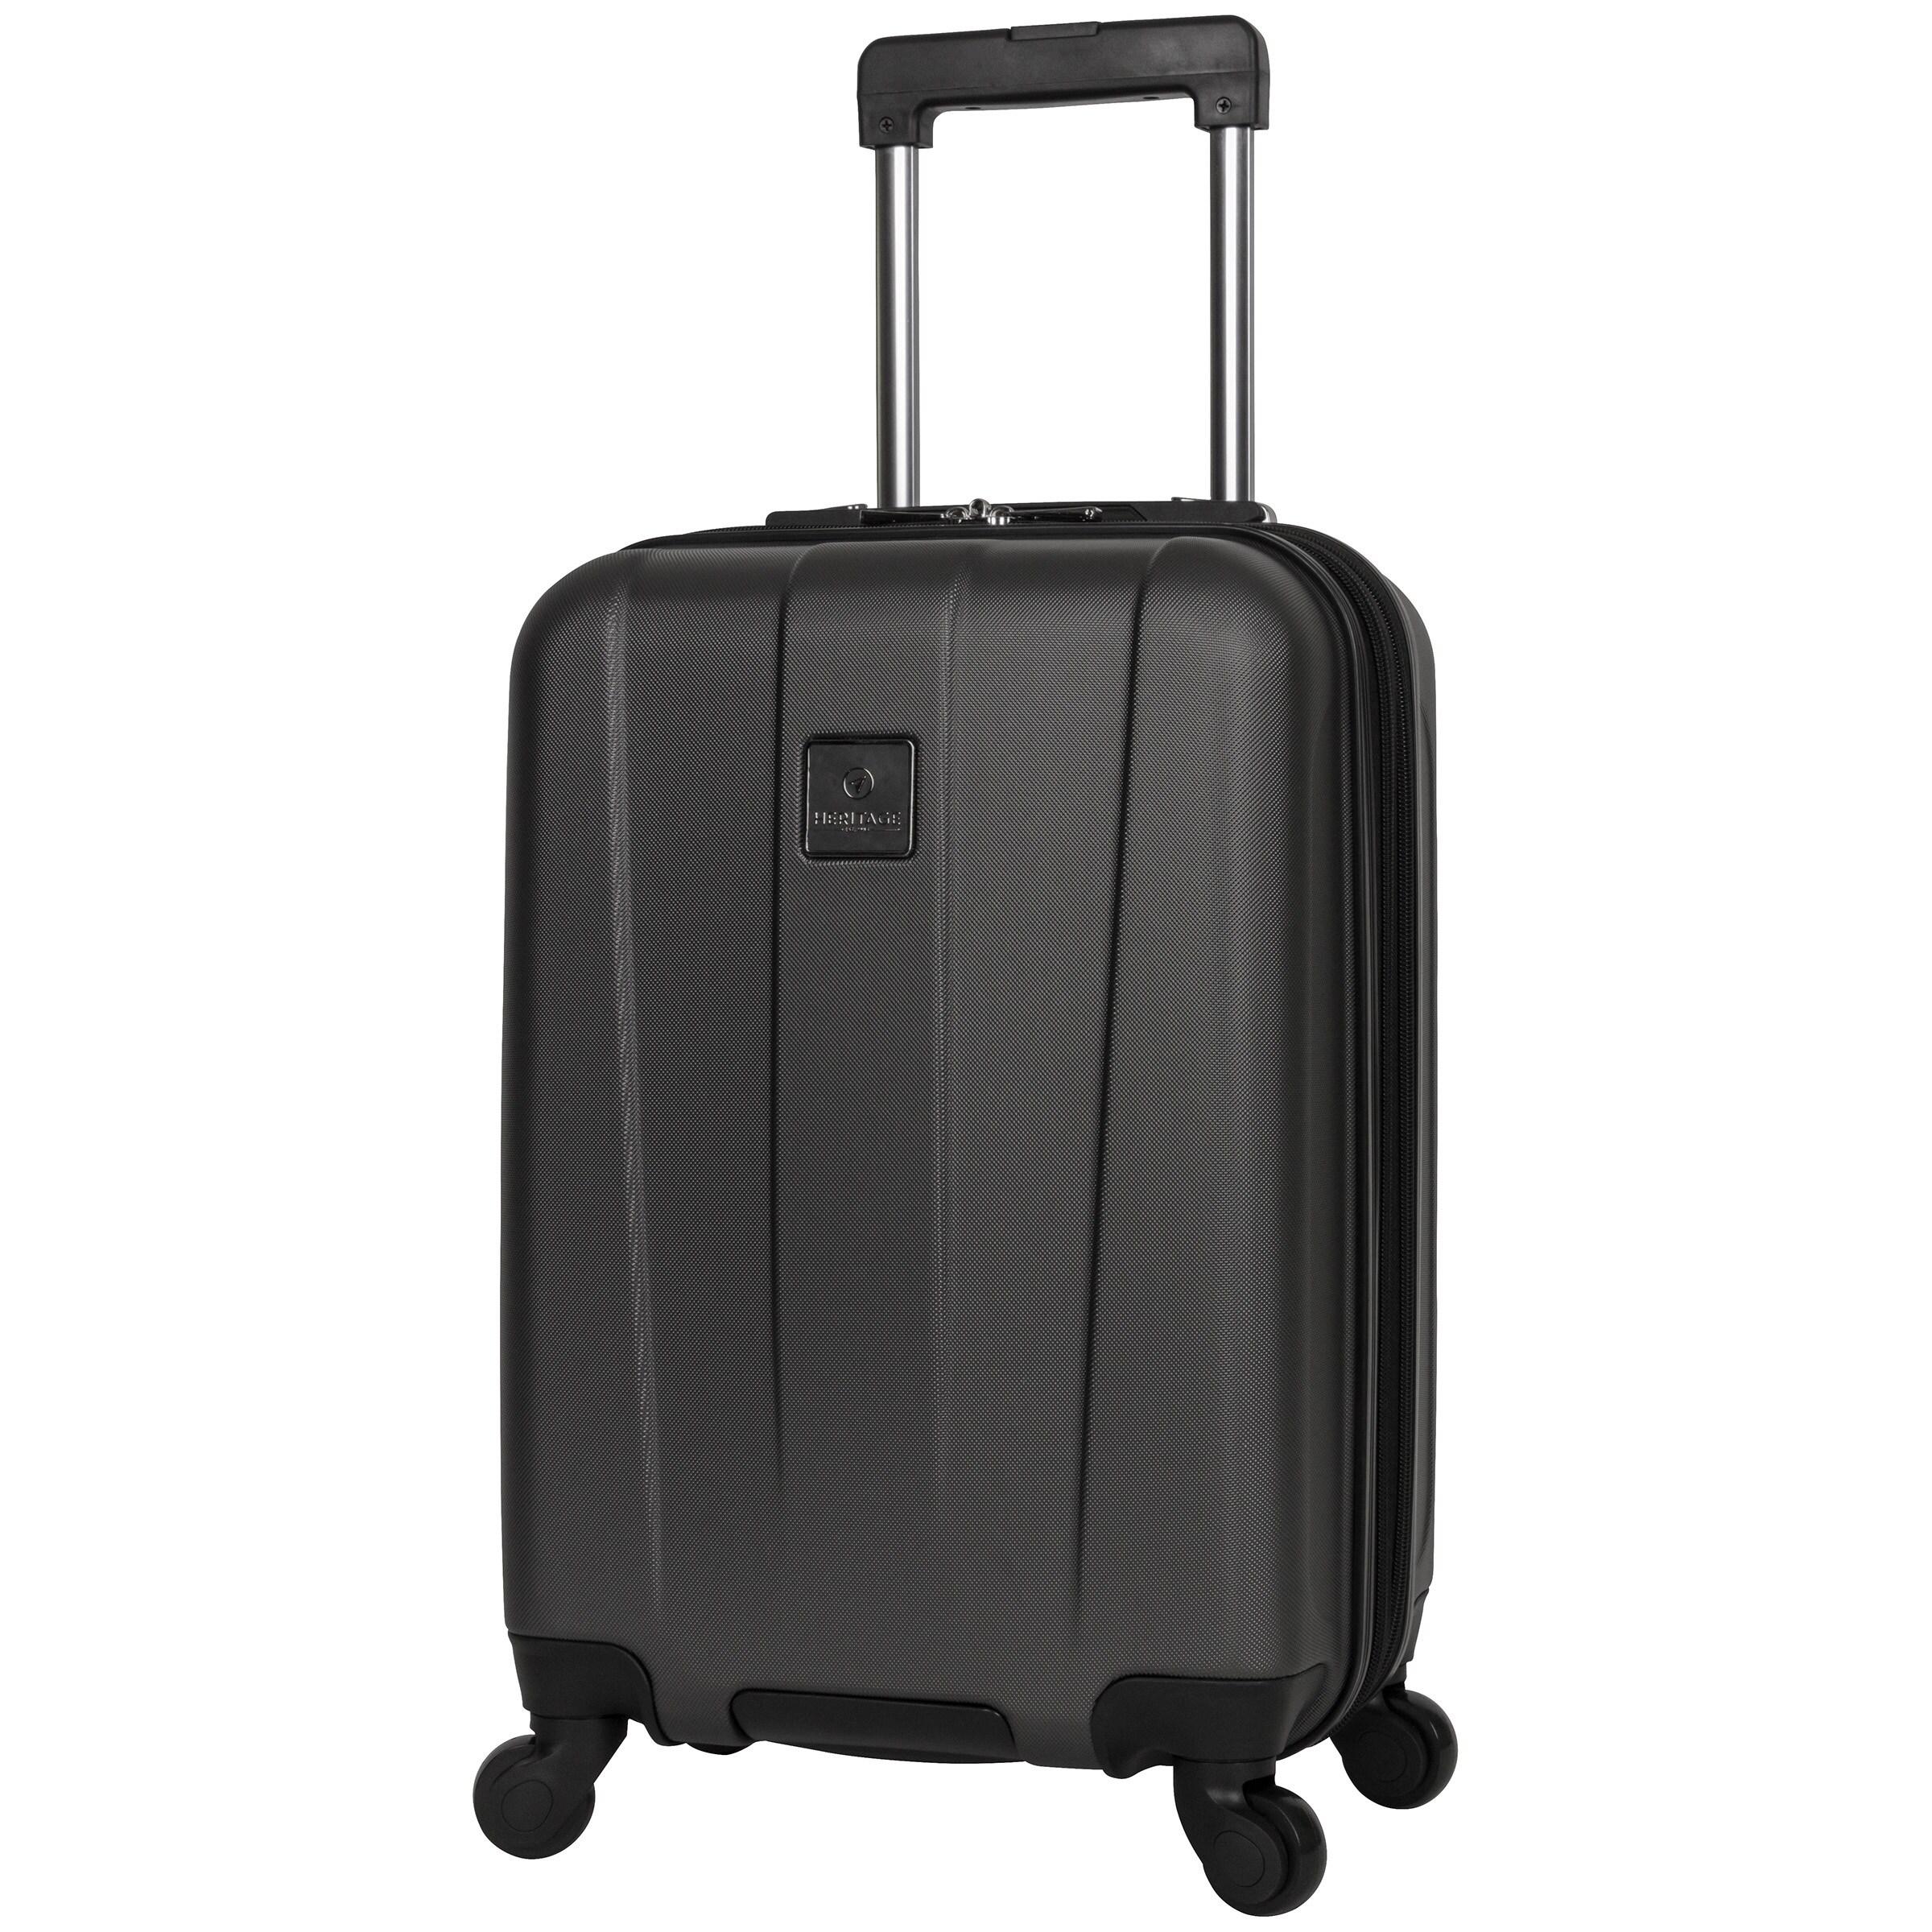 897f0af57fd5 Heritage Gold Coast 20-inch Hardside Carry-On Spinner Suitcase